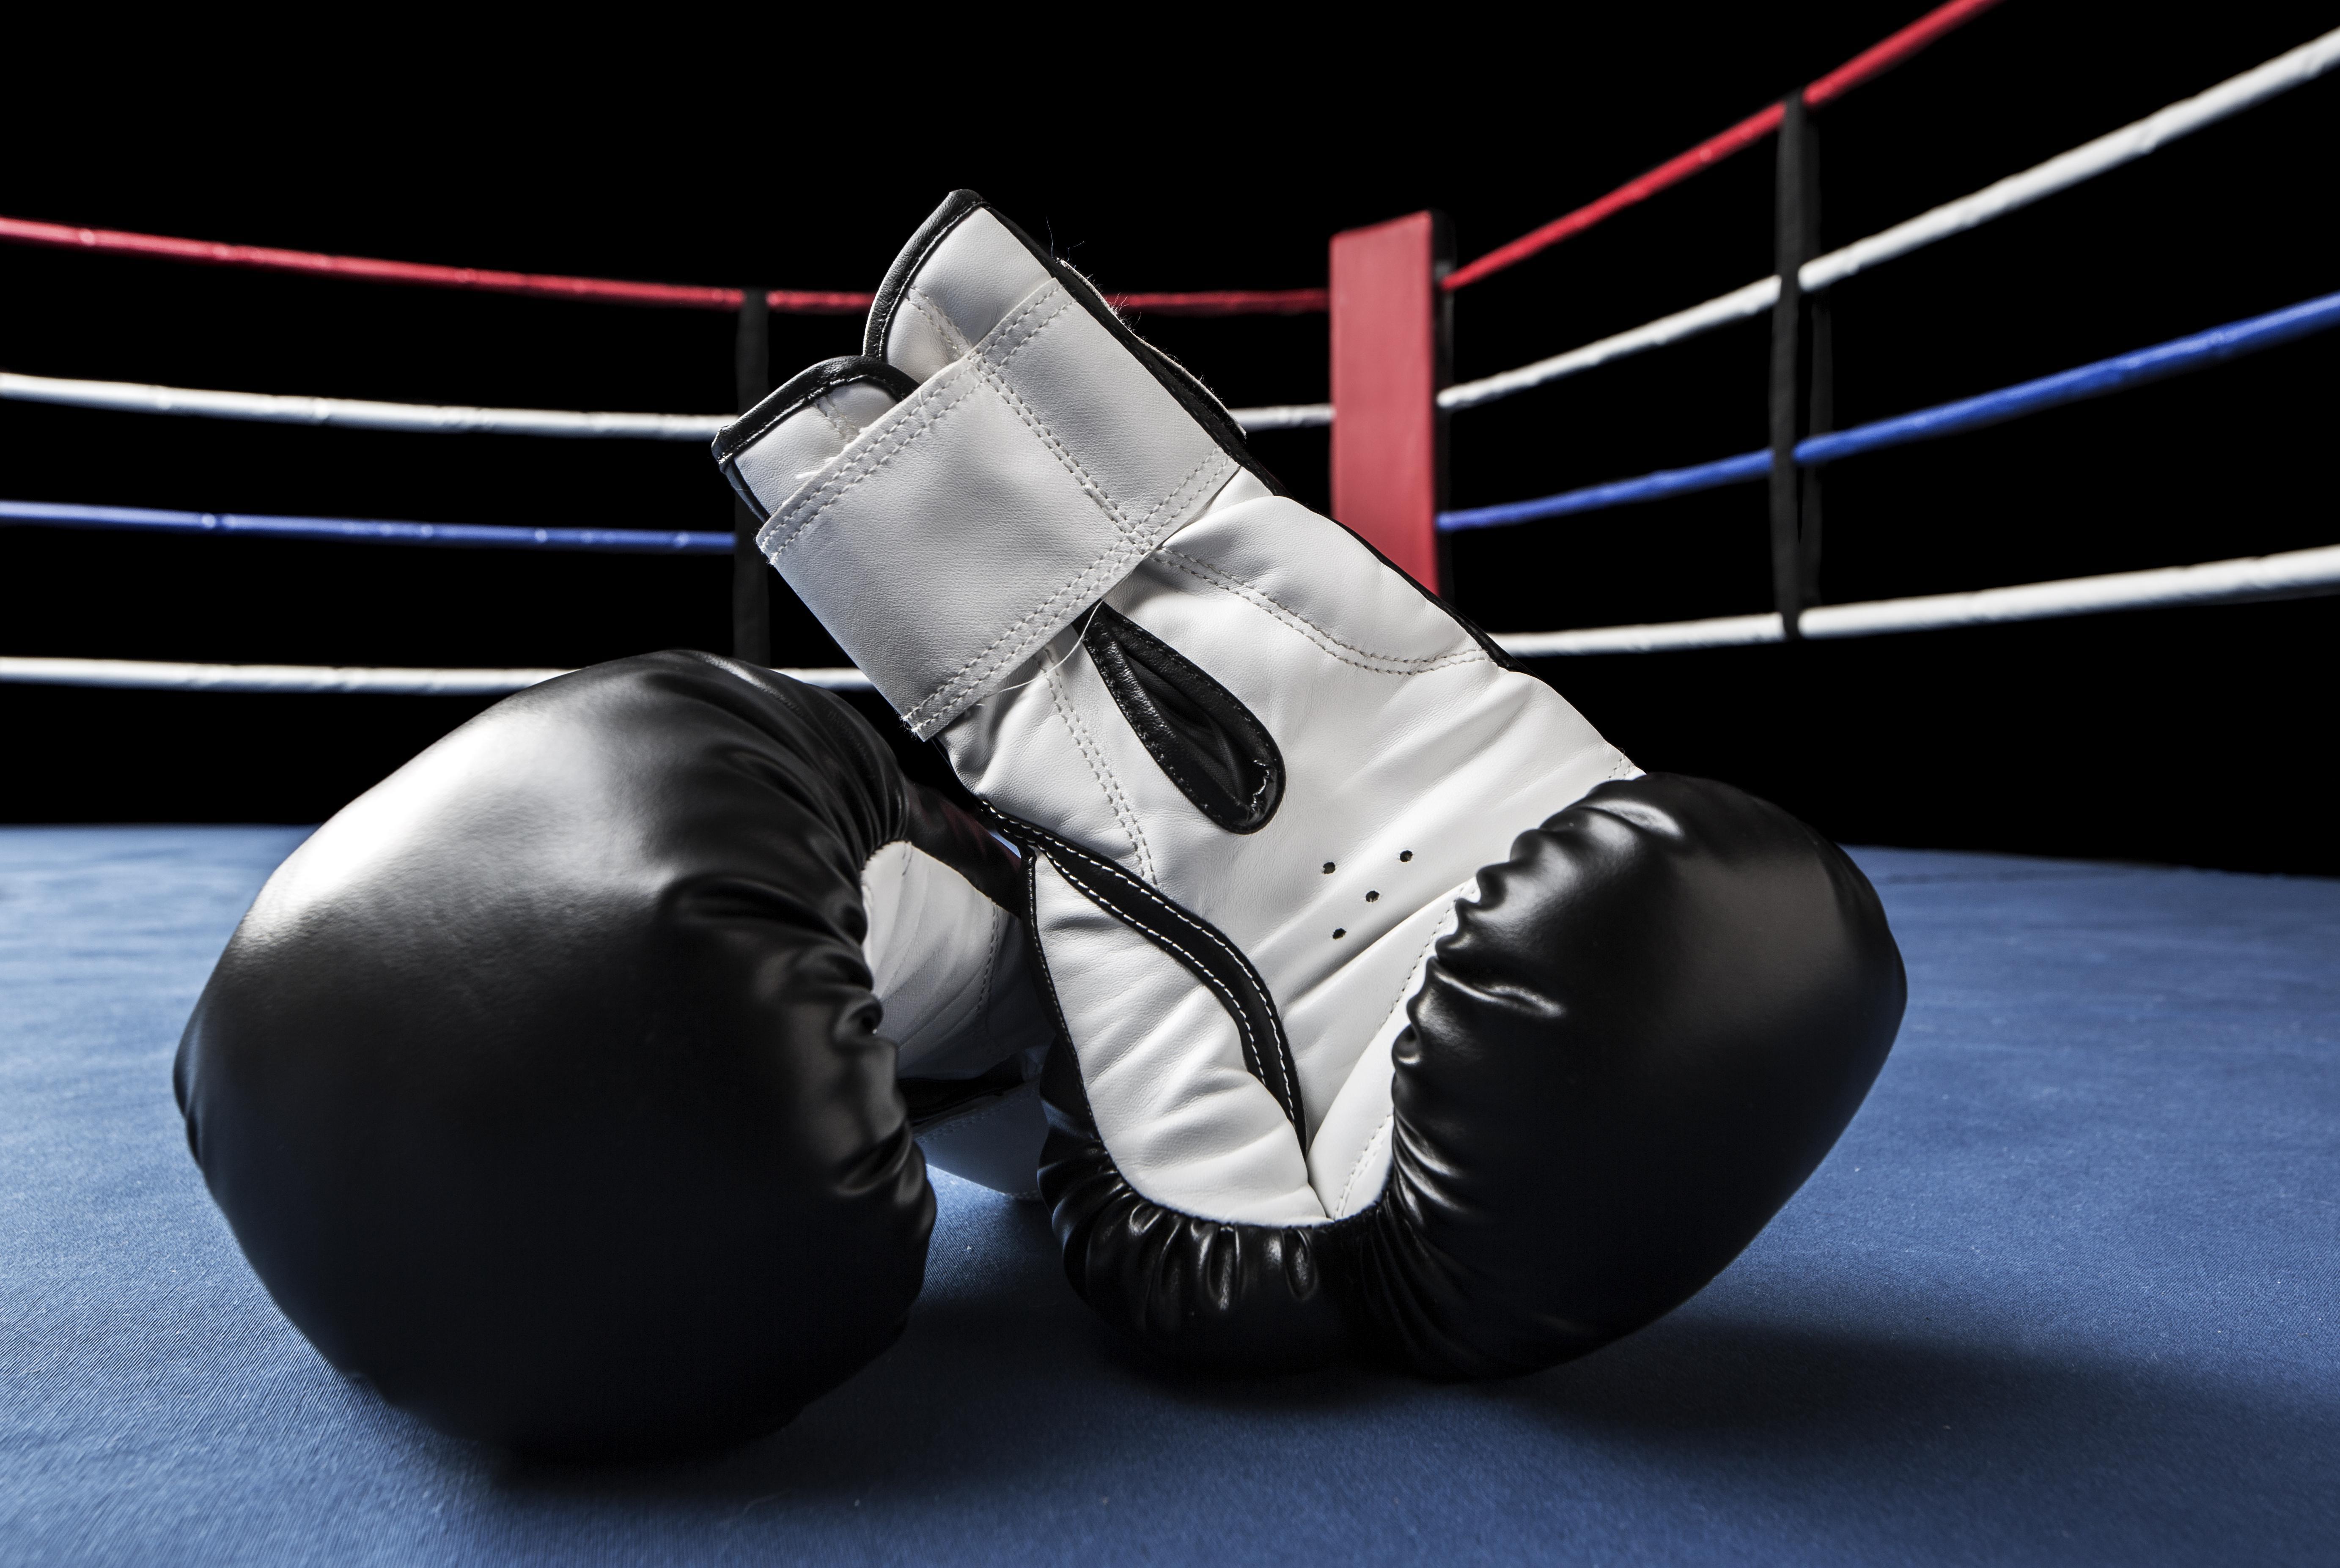 Black boxing gloves inside ring